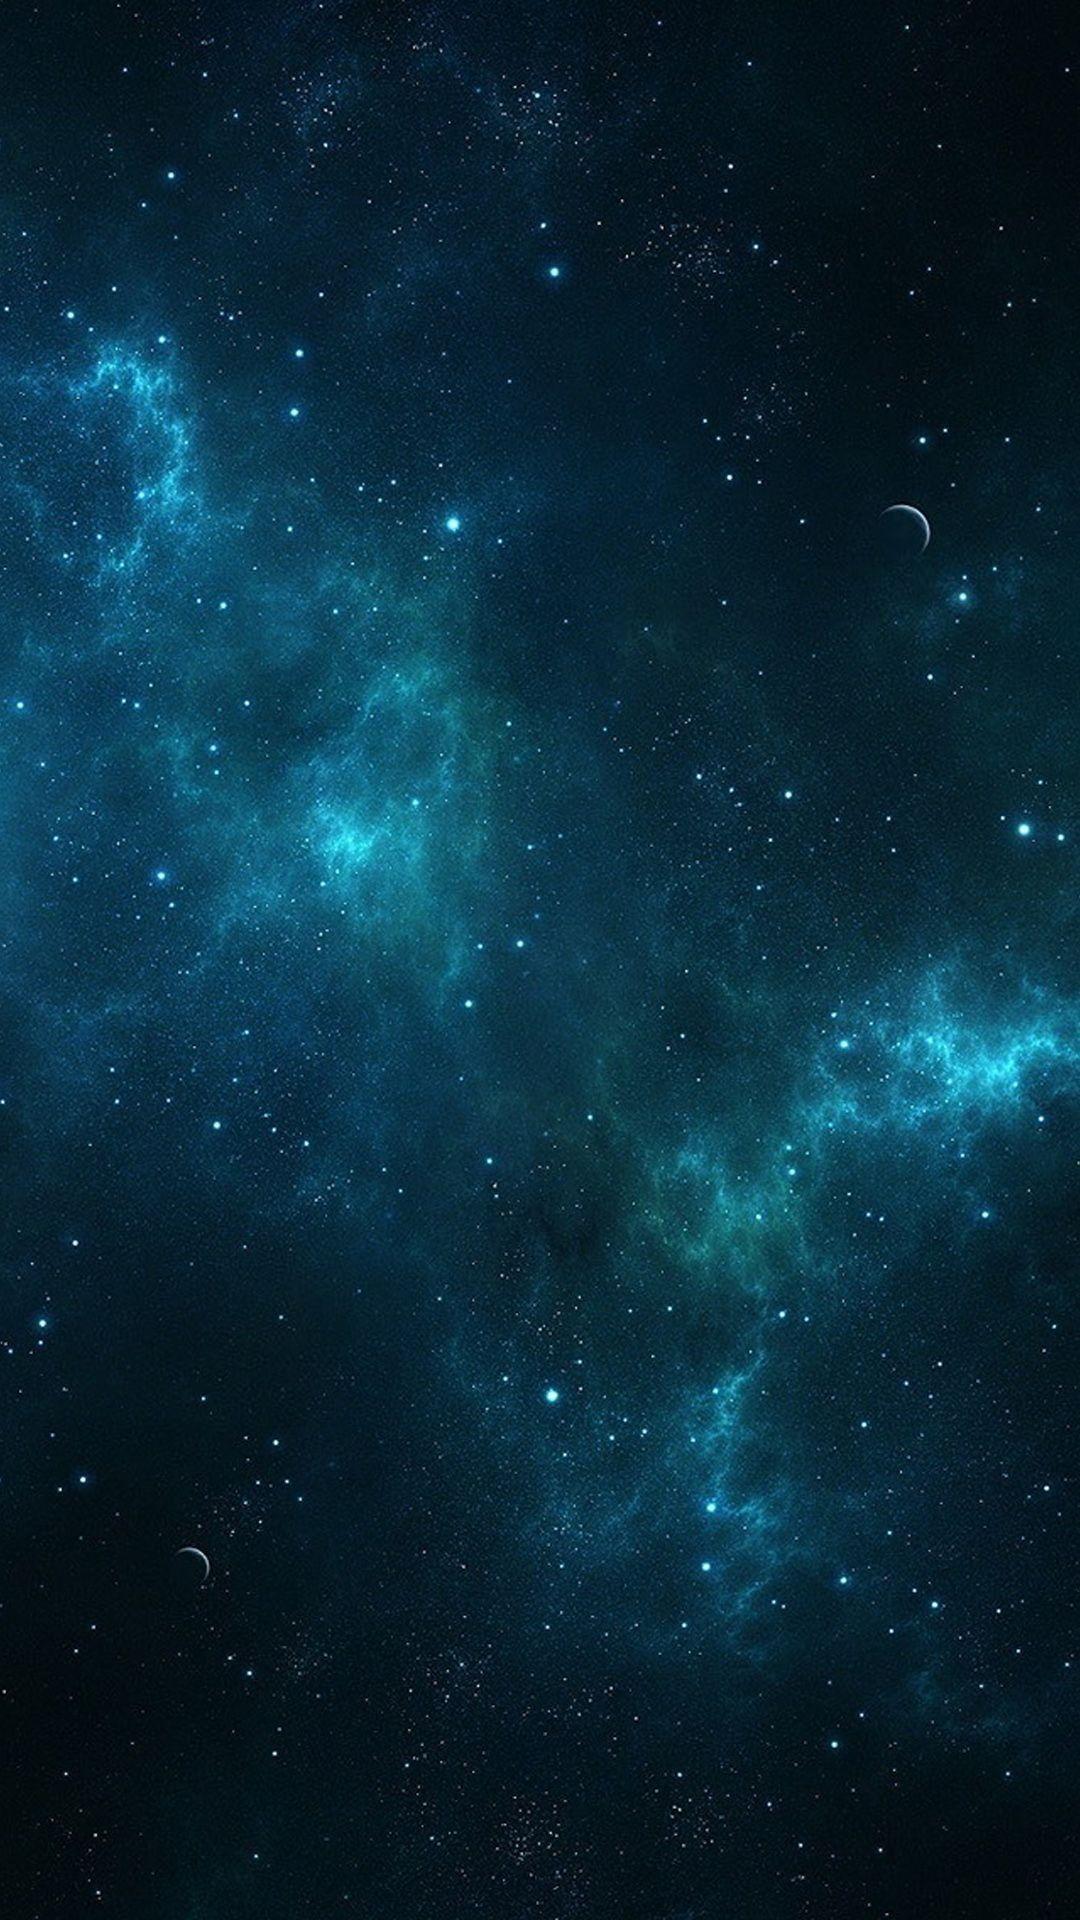 Inspirational Dead Space Wallpaper Iphone Whatsapp Fundo Papel De Parede Da Galaxia Tela De Fundo